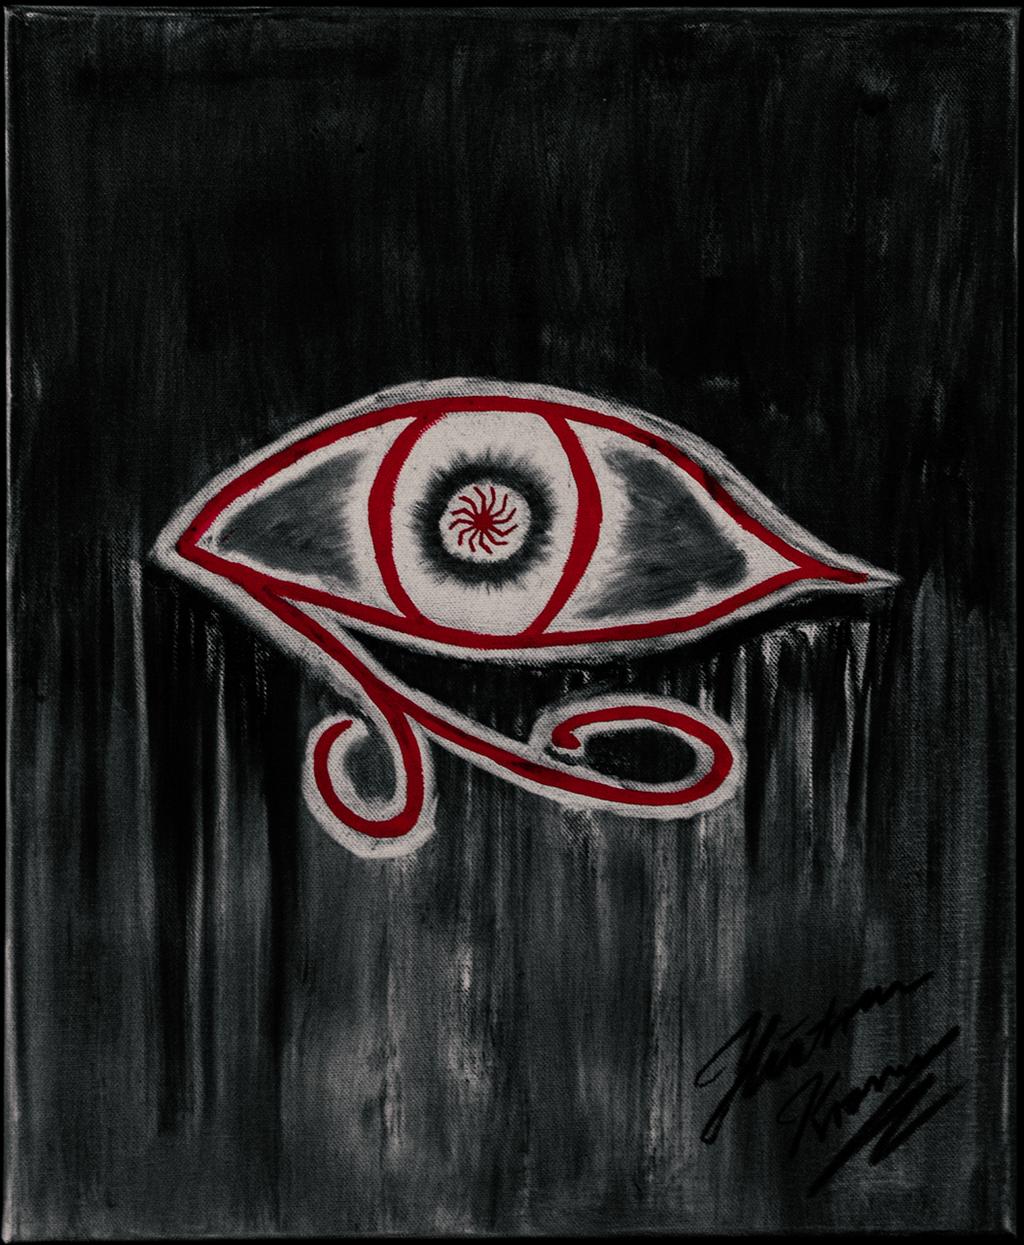 als das dritte Auge erblindete...